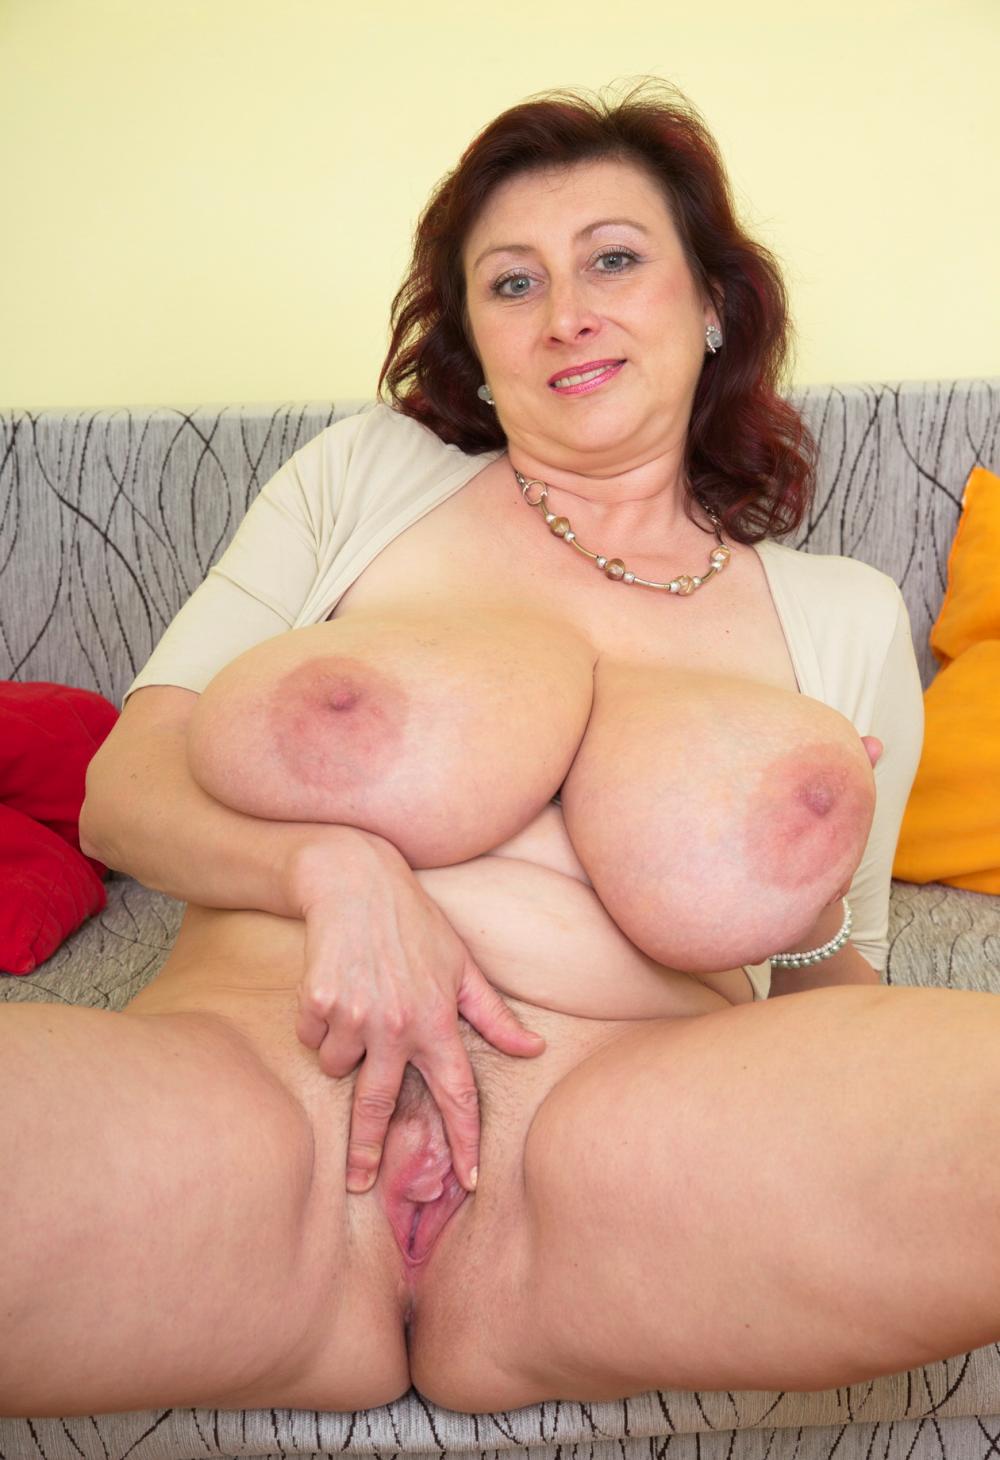 Mature Big Breast Blowjob